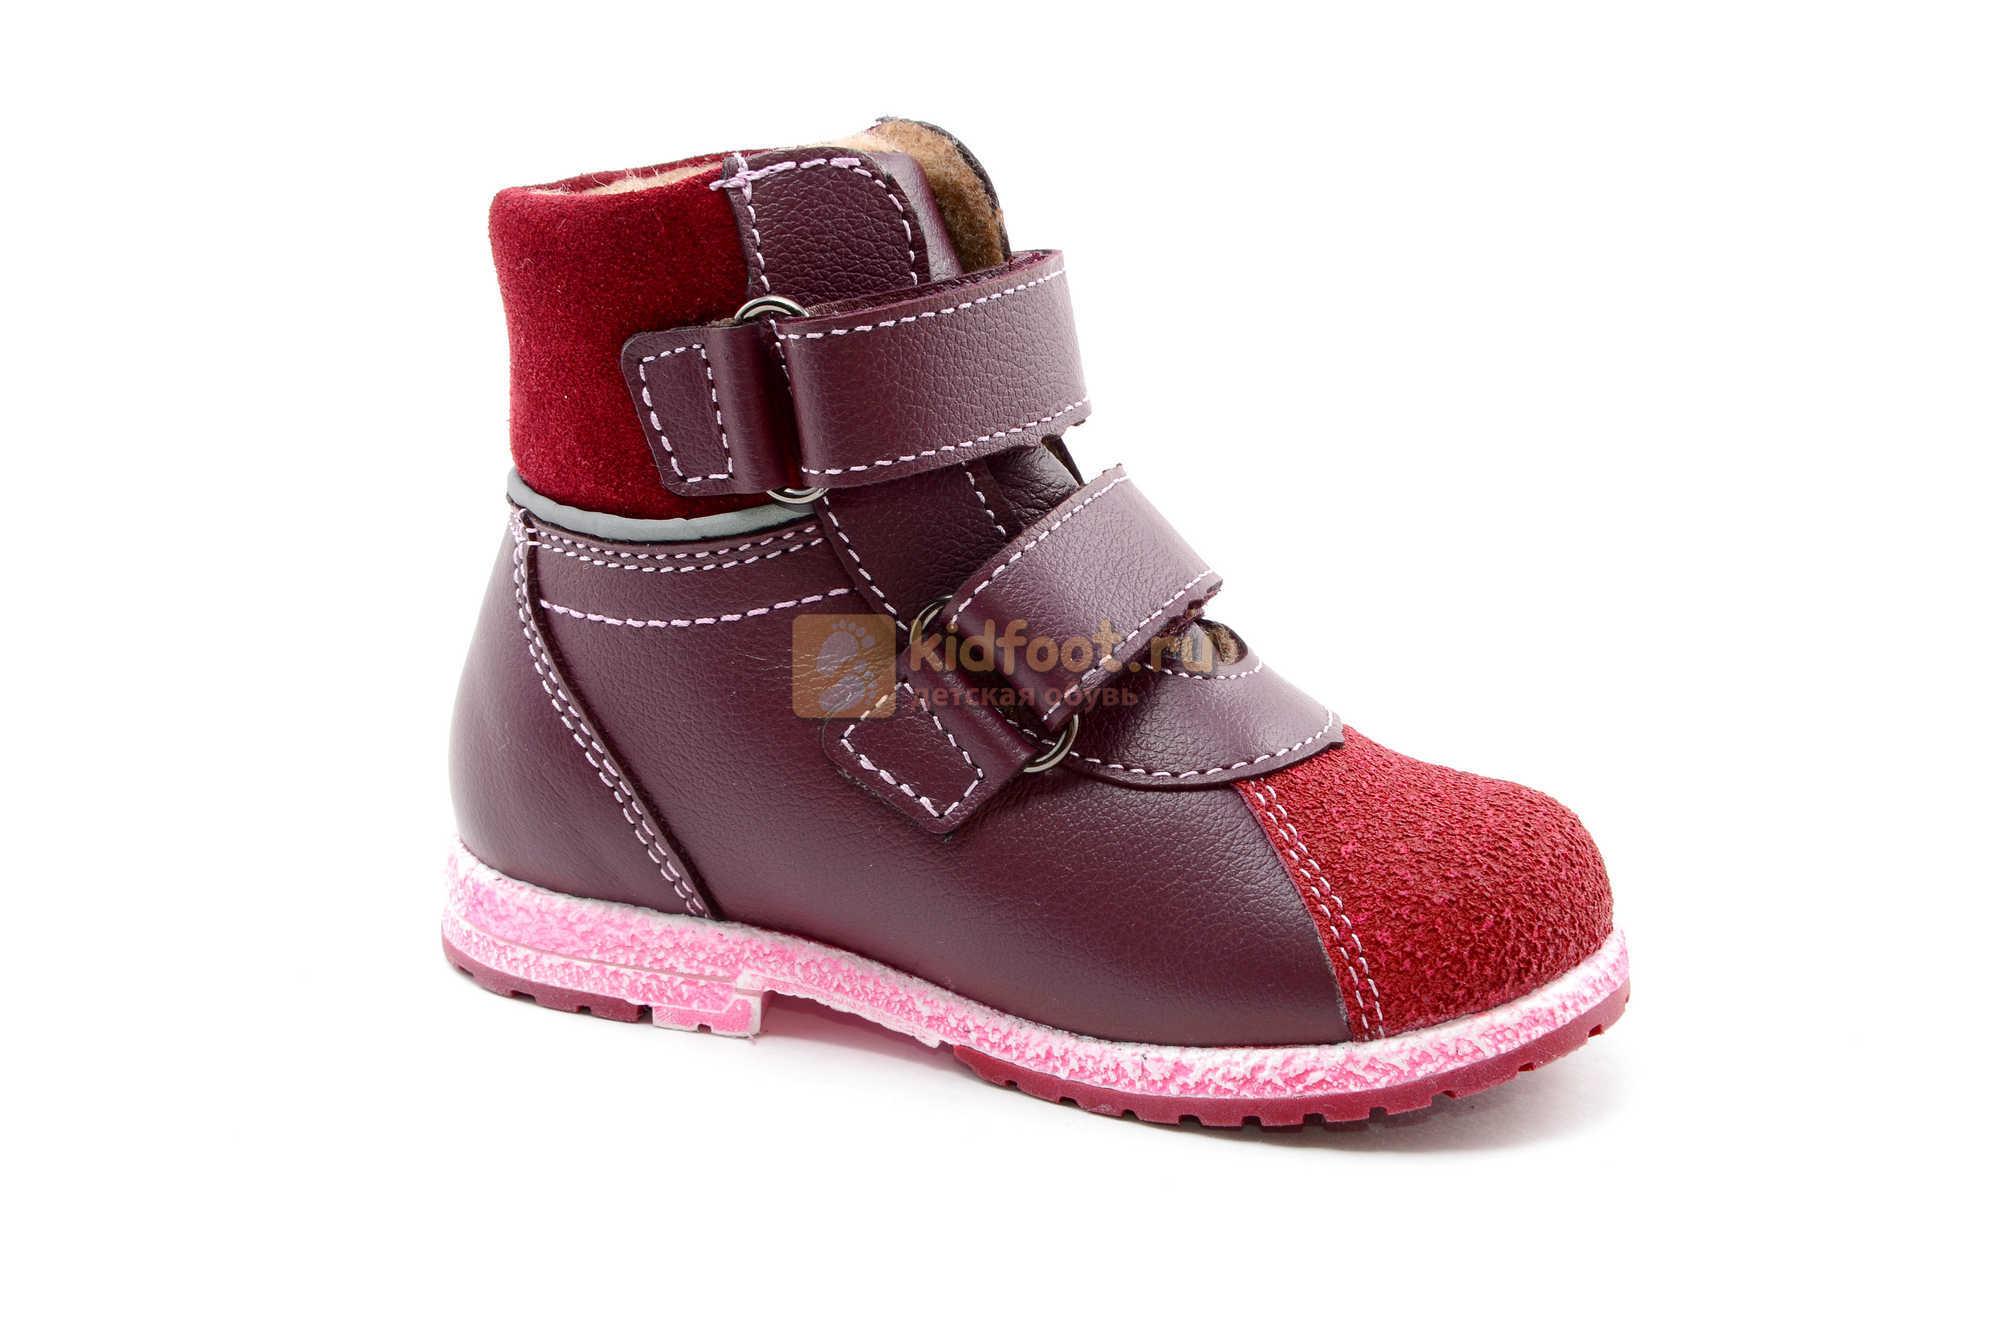 Ботинки для девочек Лель (LEL) из натуральной кожи на байке на липучках цвет бордо